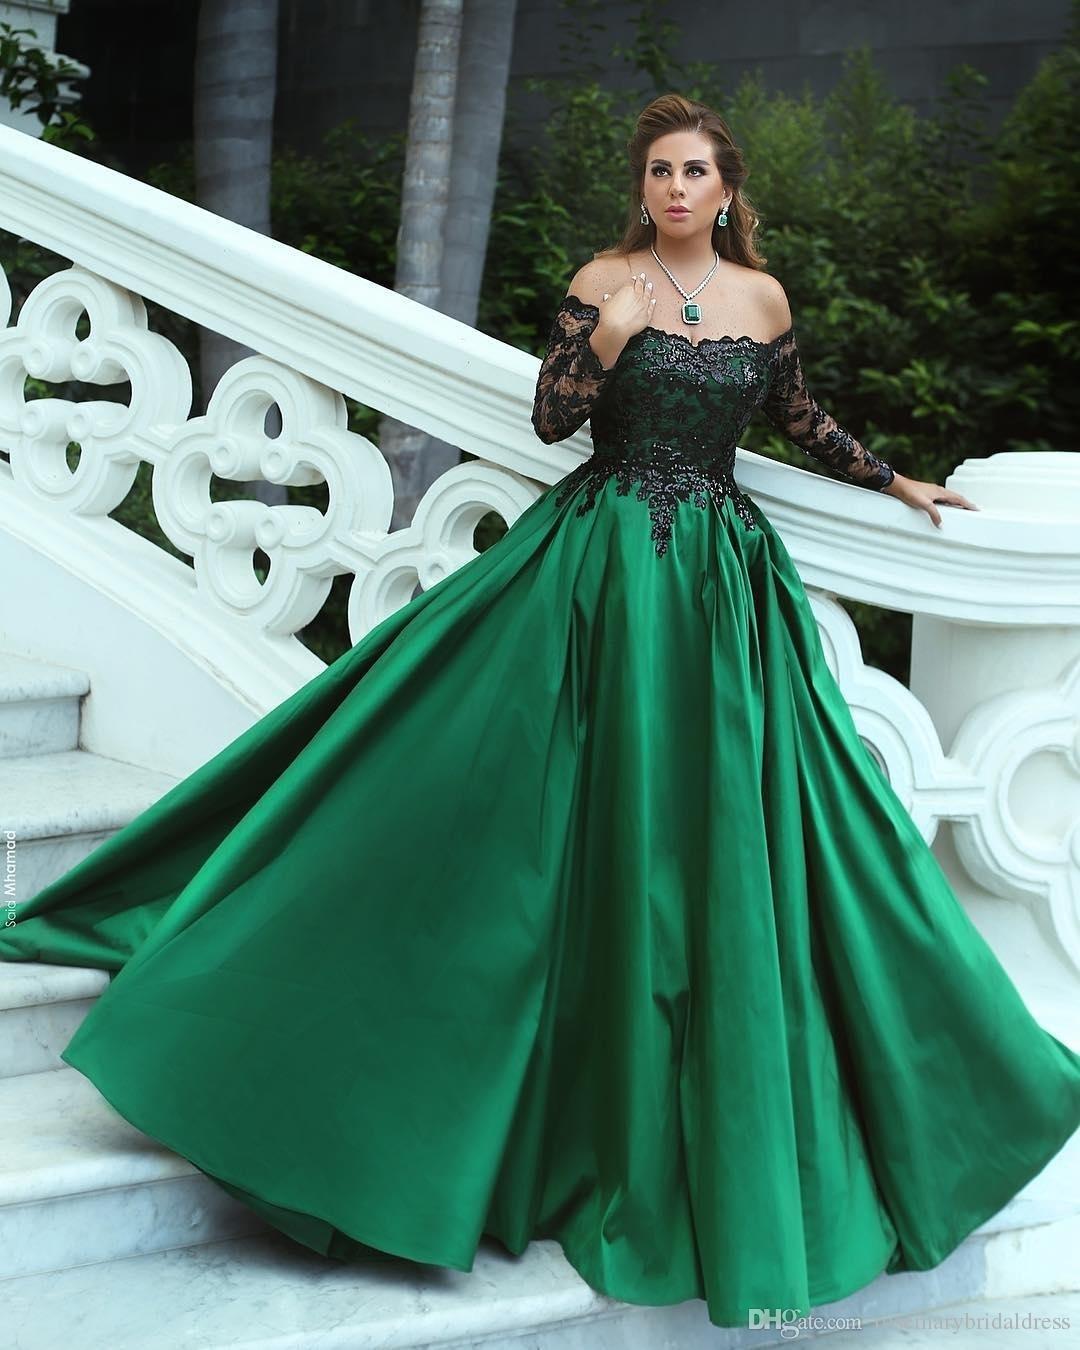 10 Luxus Kleid Dunkelgrün Langarm VertriebDesigner Großartig Kleid Dunkelgrün Langarm Vertrieb